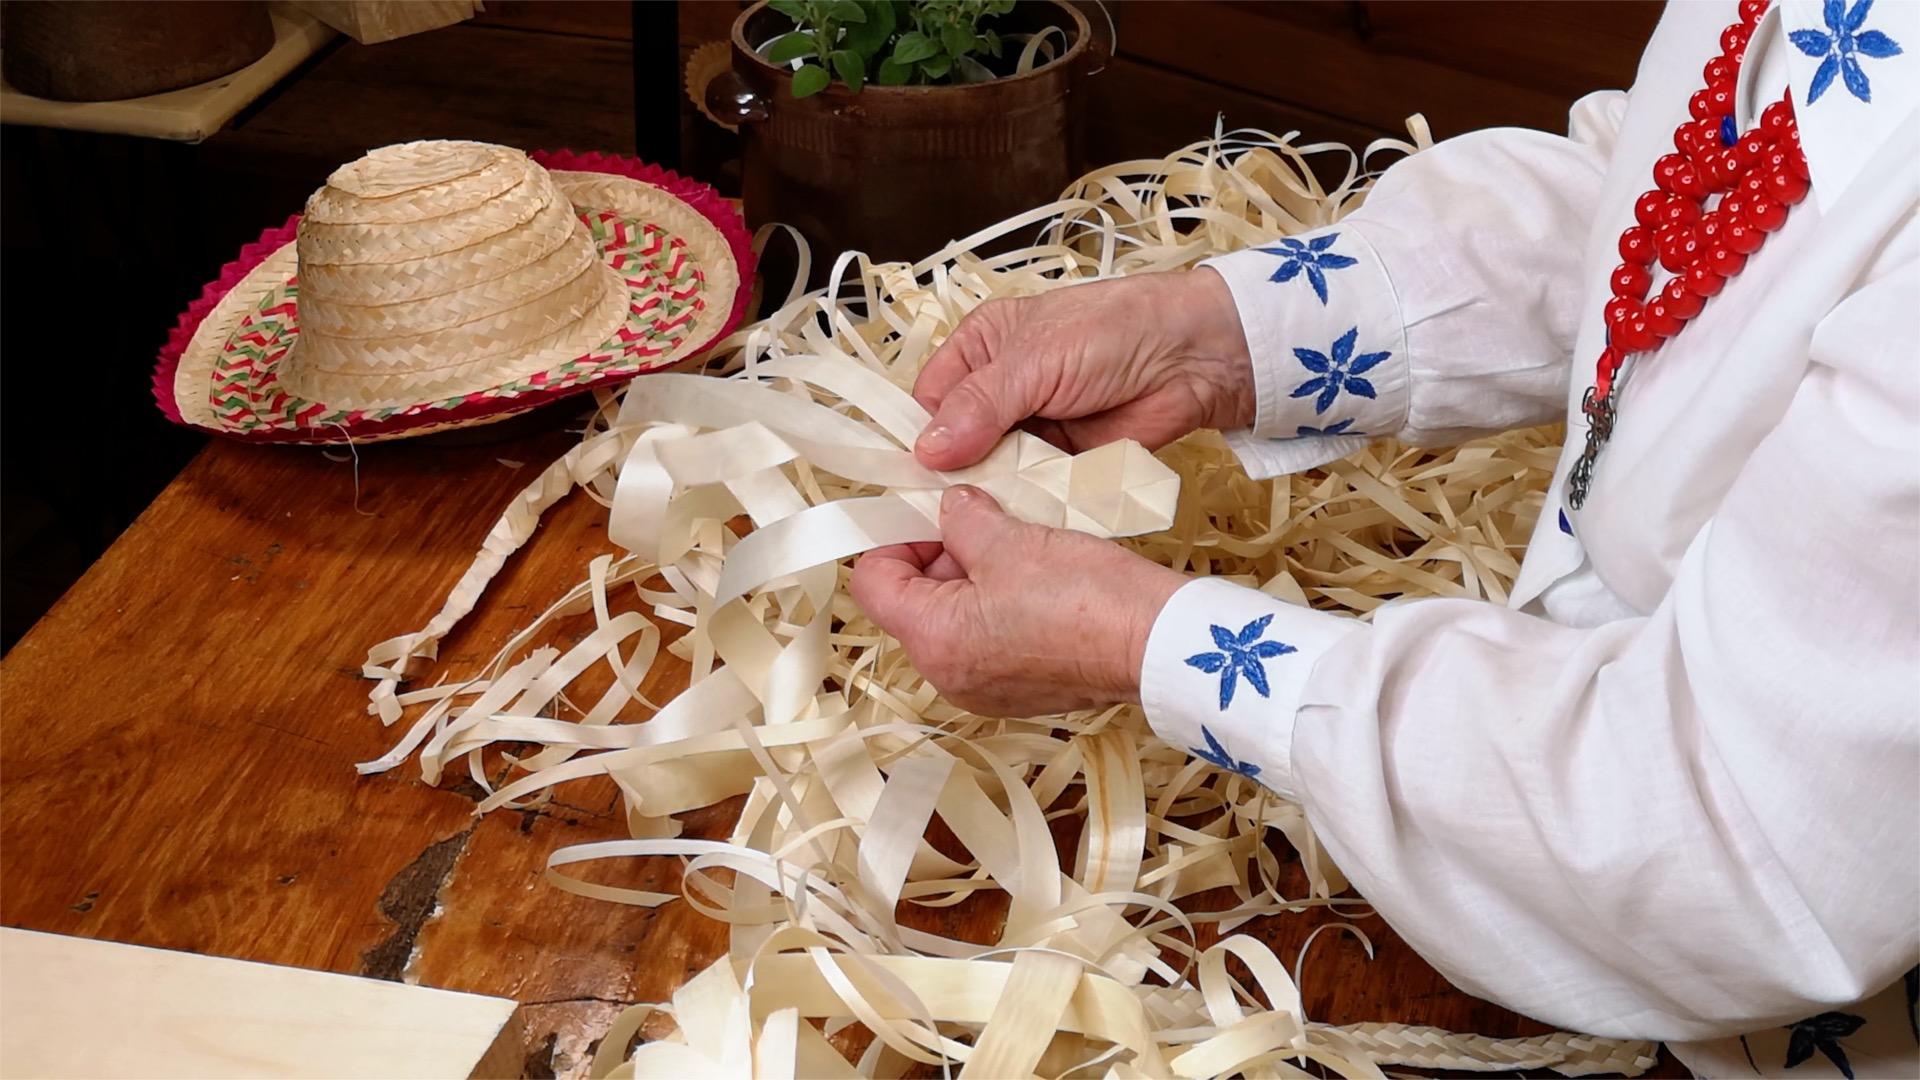 Kobiece dłonie plecące sztuczkę z wiórków osikowych